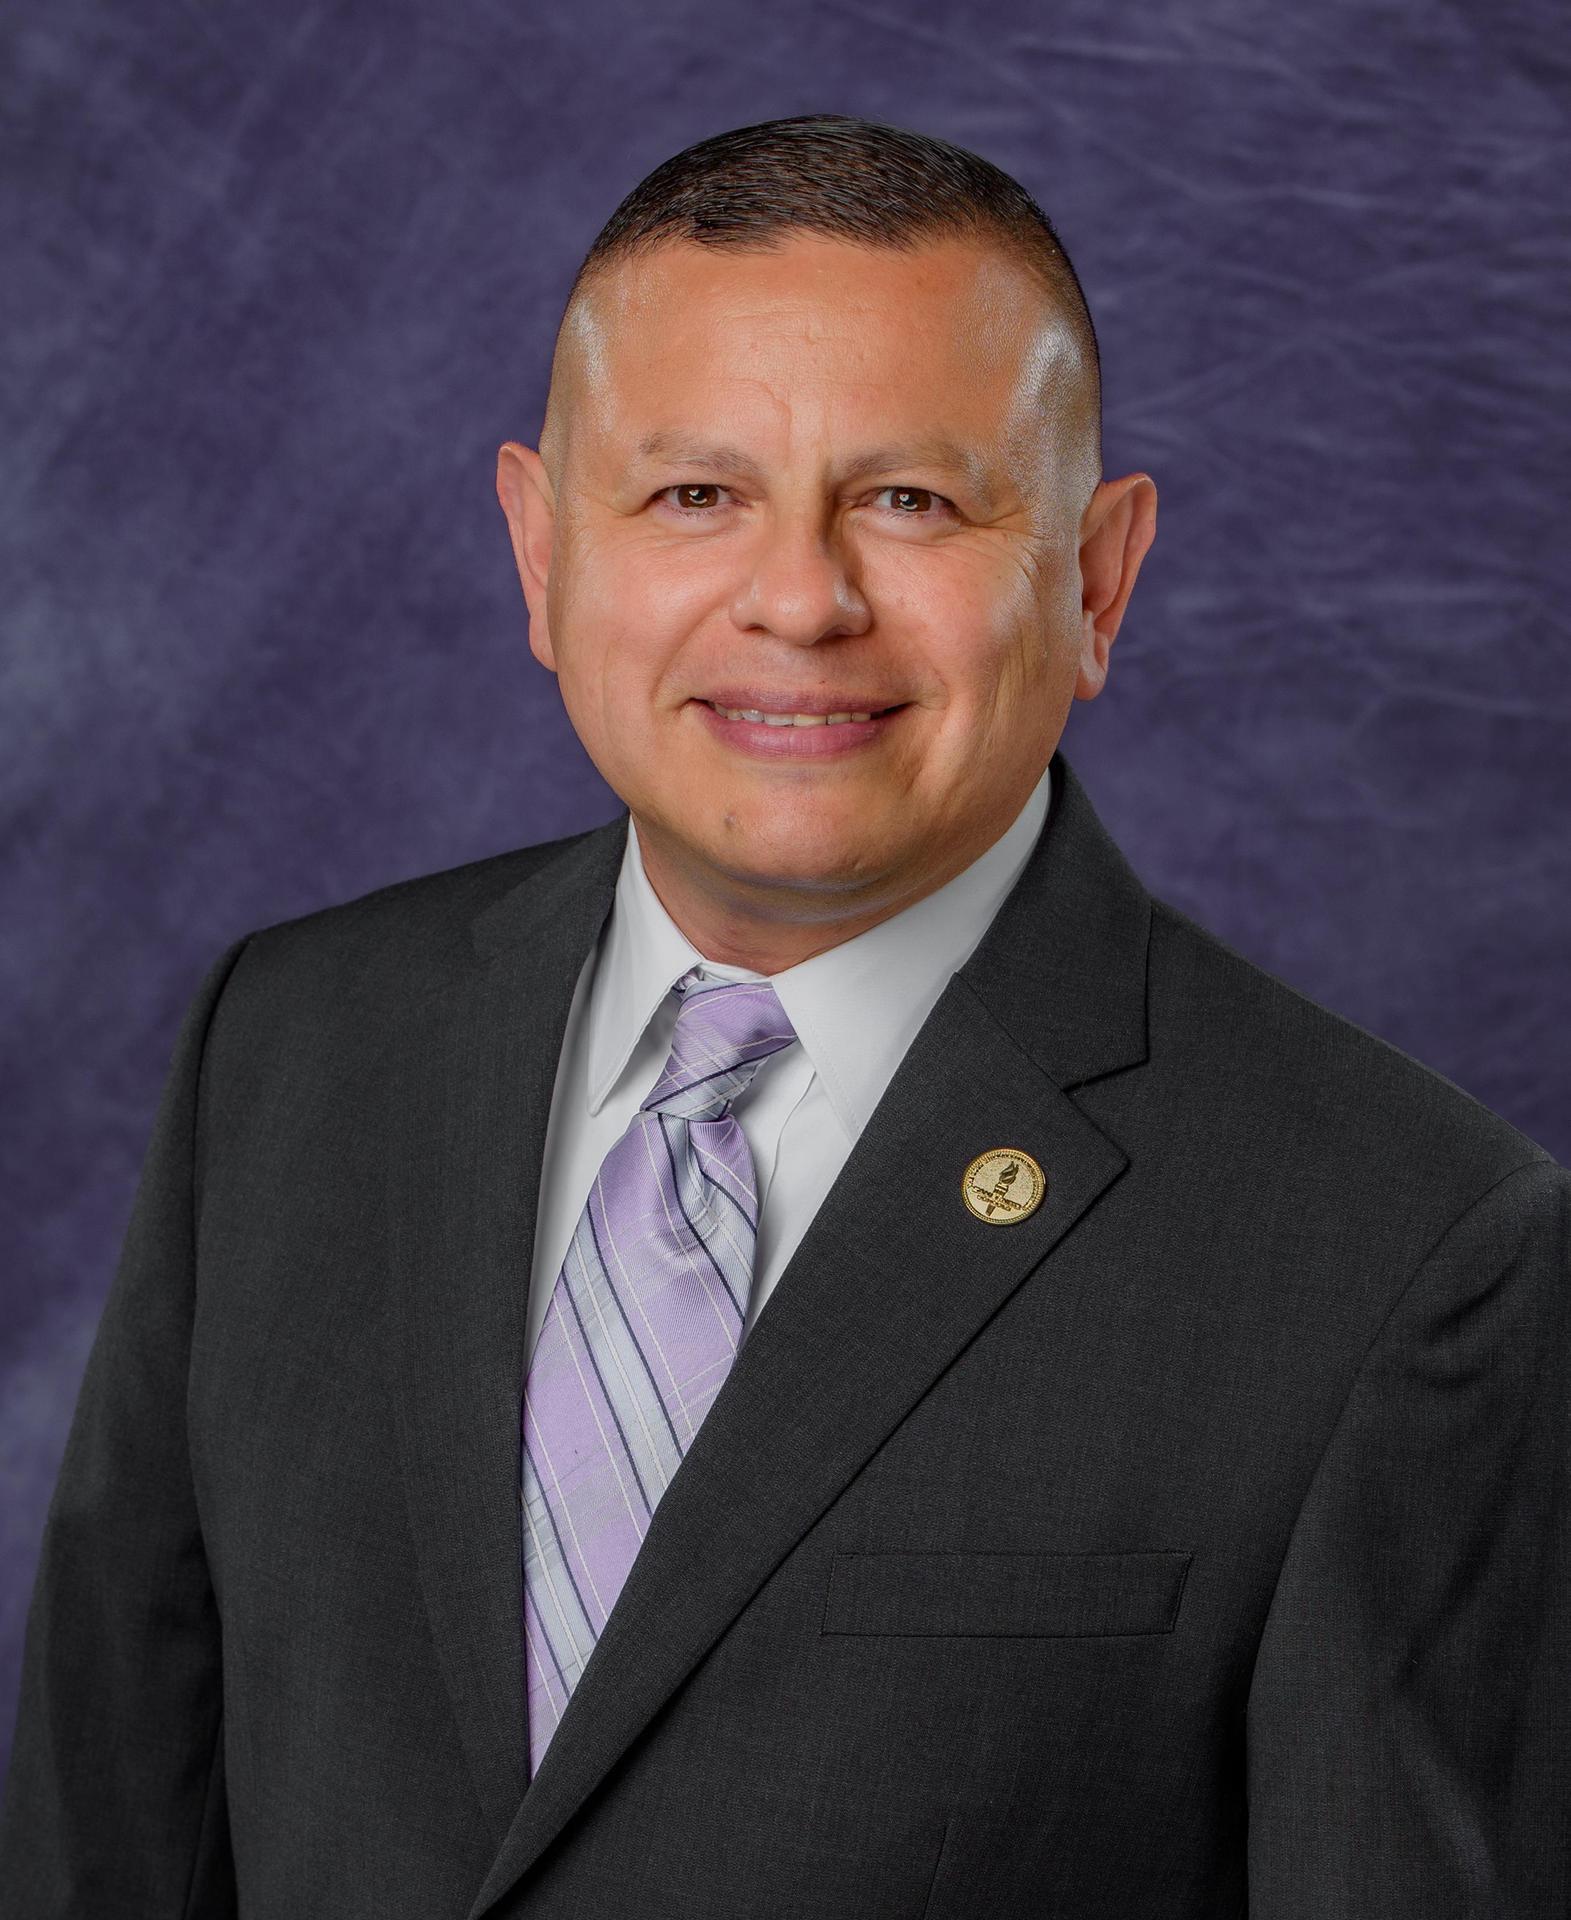 Oscar Medrano